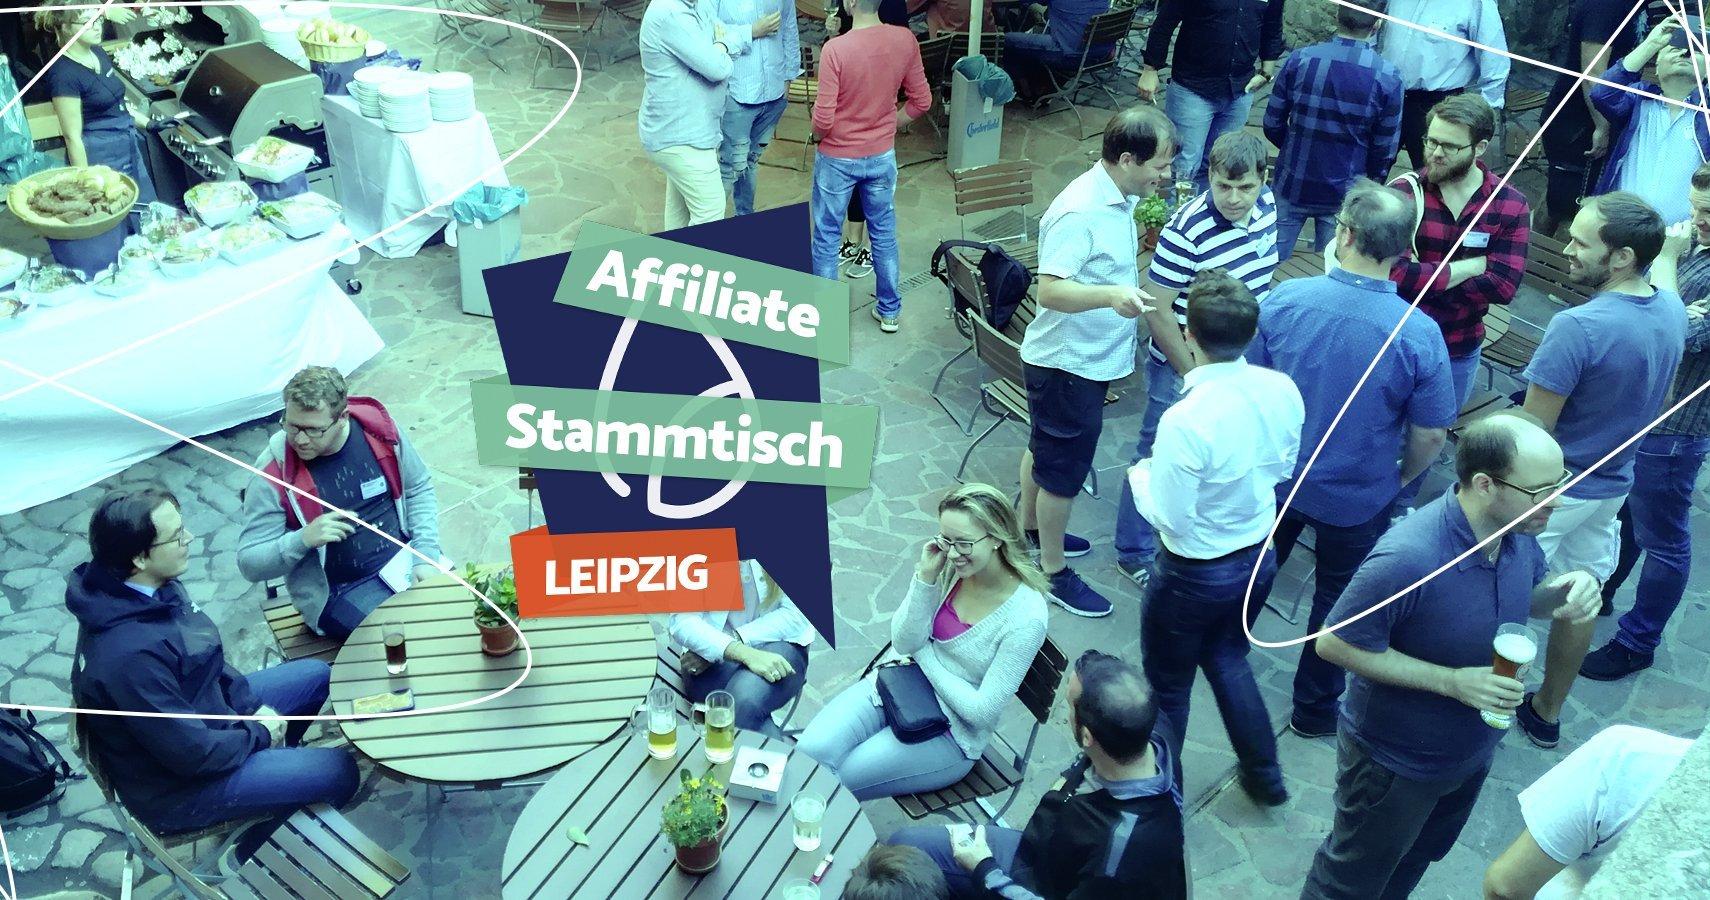 Recap: Affiliate Stammtisch Leipzig 2018